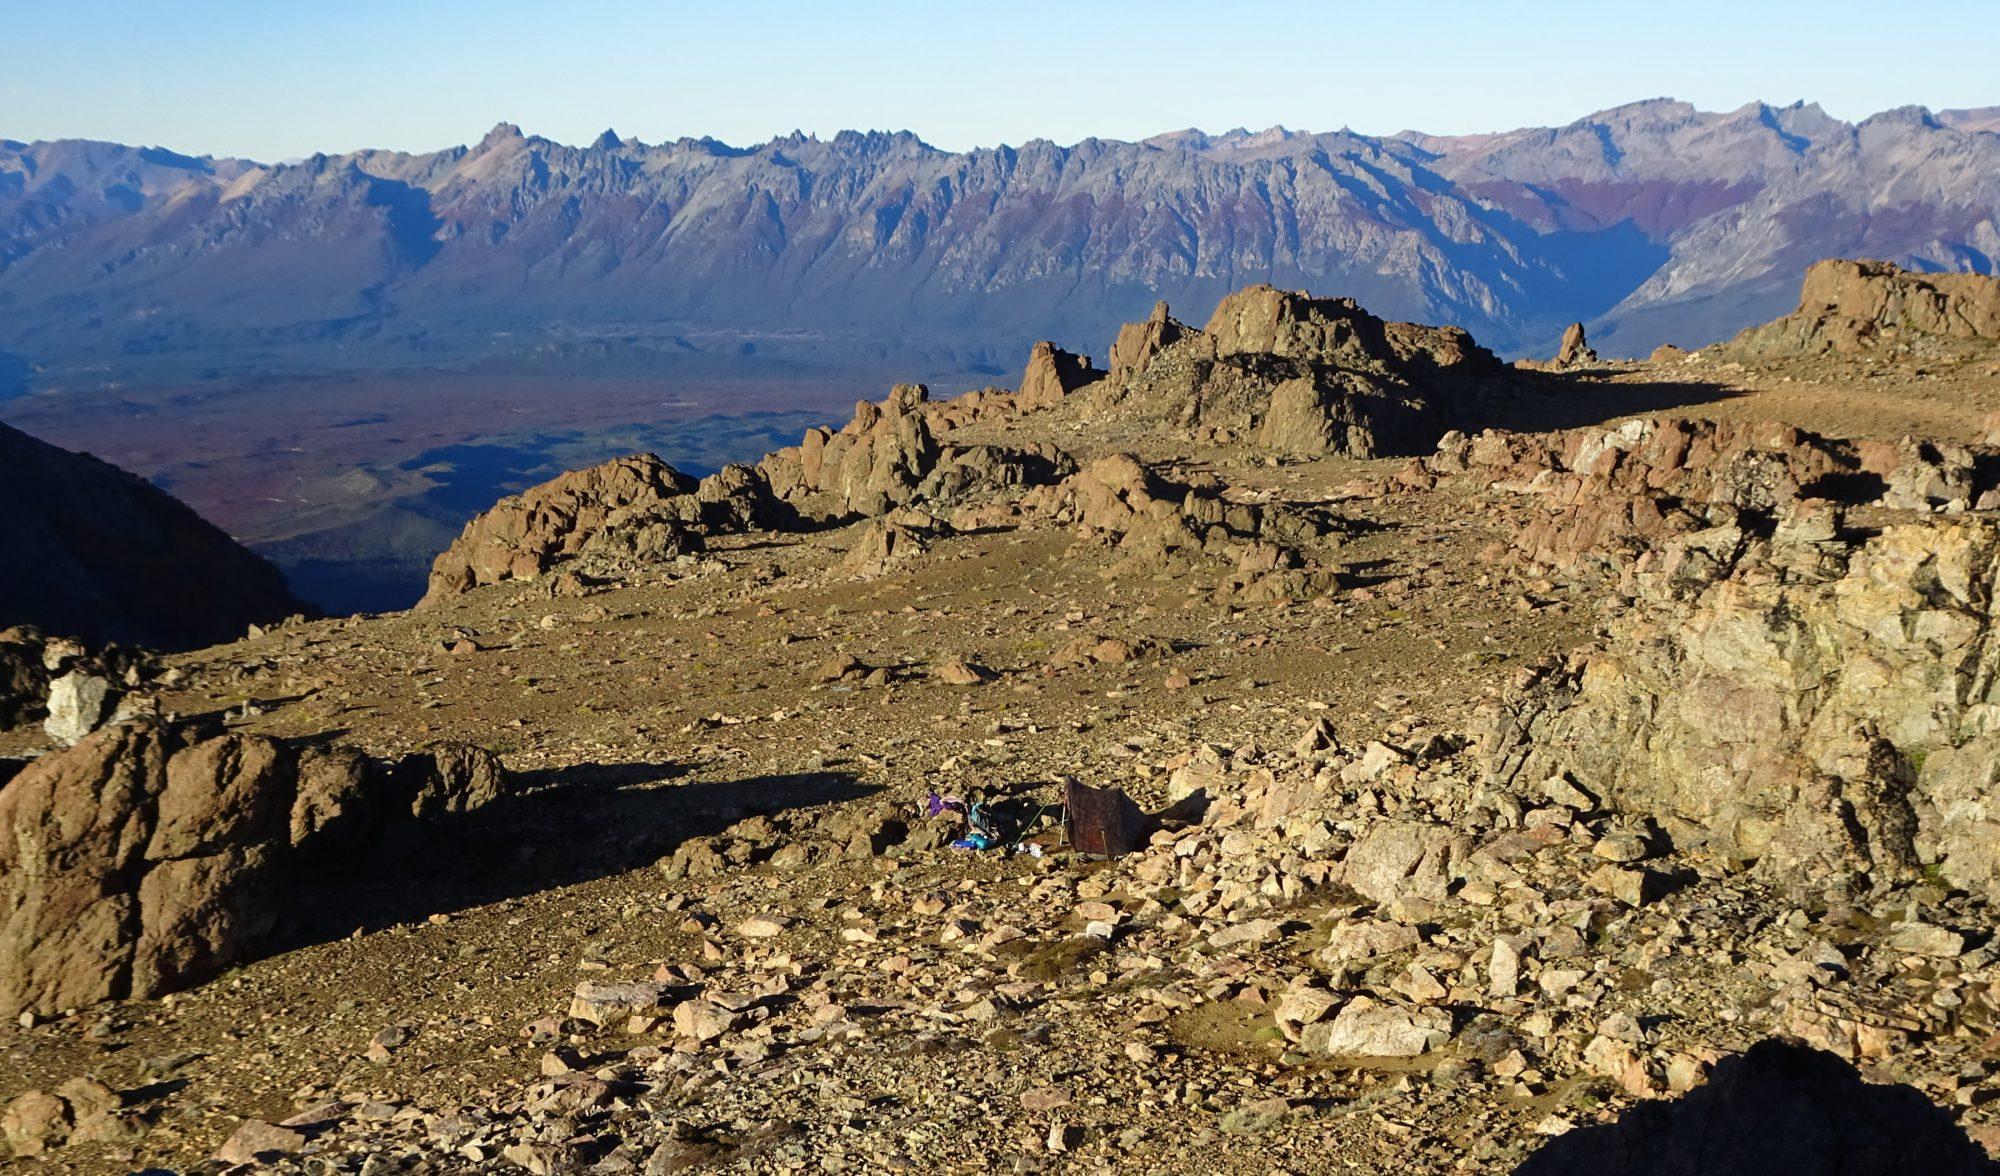 Fjella Zelten auf dem Gipfel El Bolson Wanderung Patagonien Warton Dedo Gordo Encanto Blanco Wanderroute Wandern